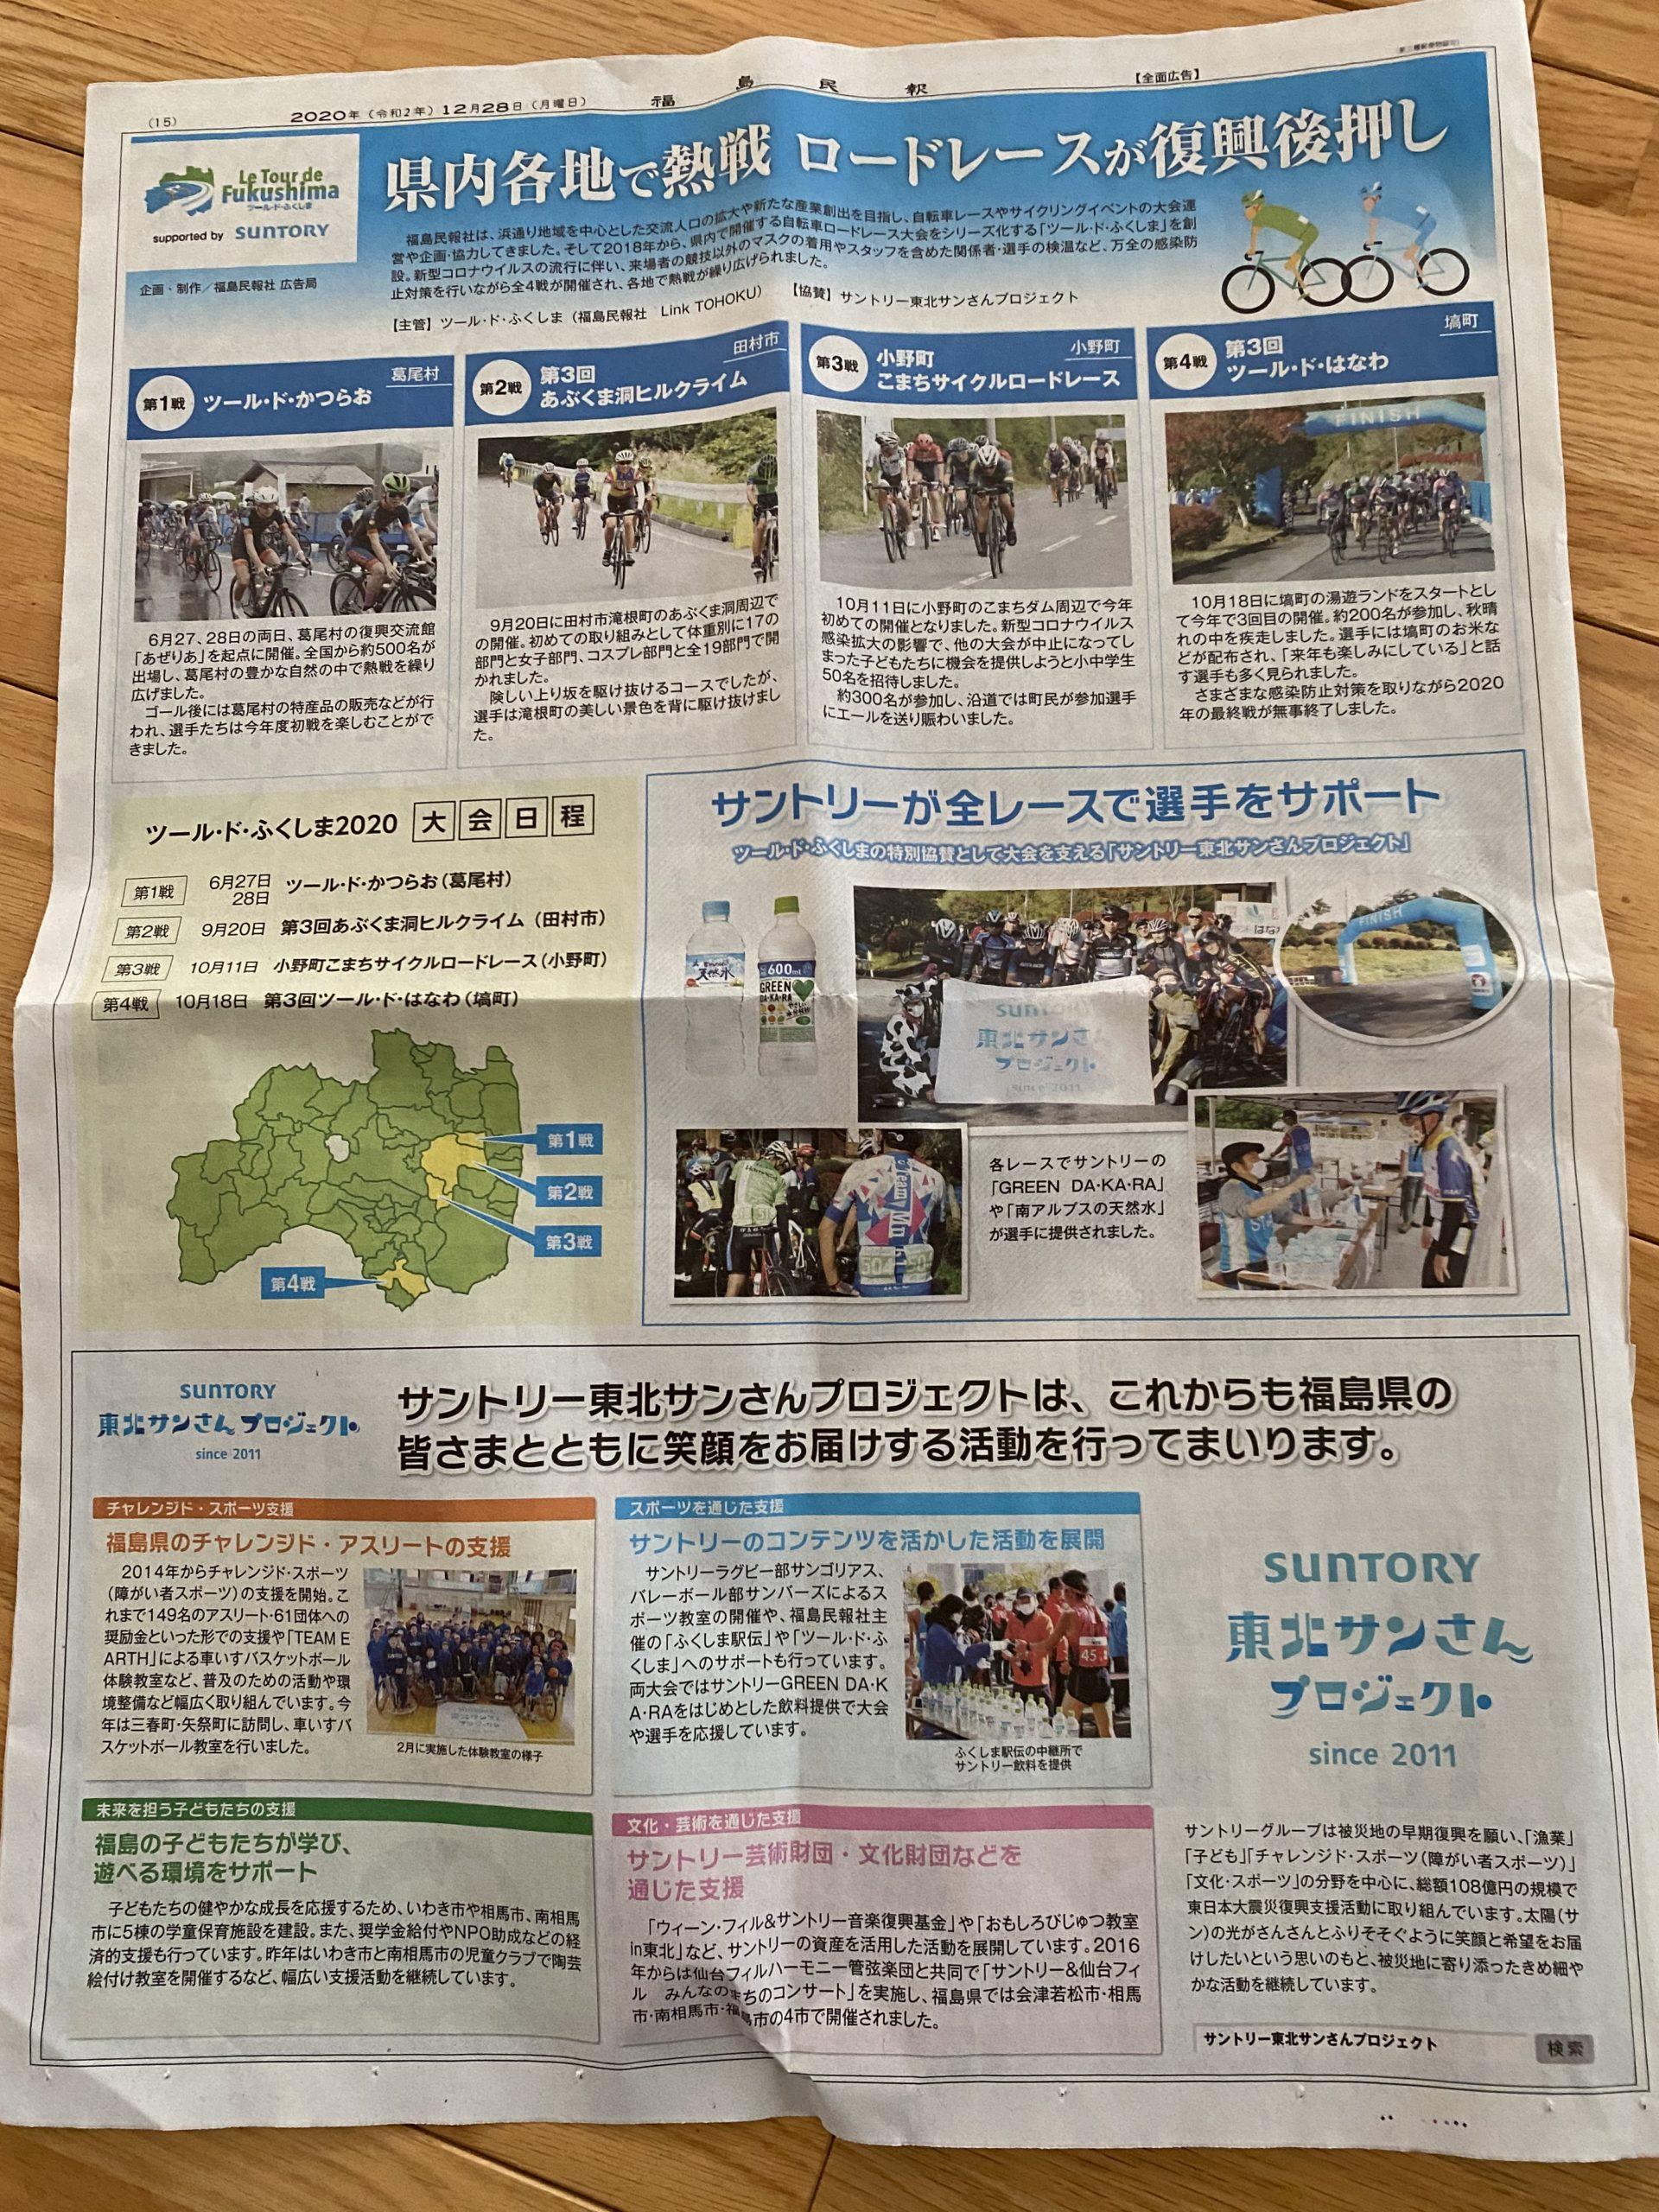 地元紙福島民報で、ロードレース『ツール・ド・ふくしま』が紹介されました